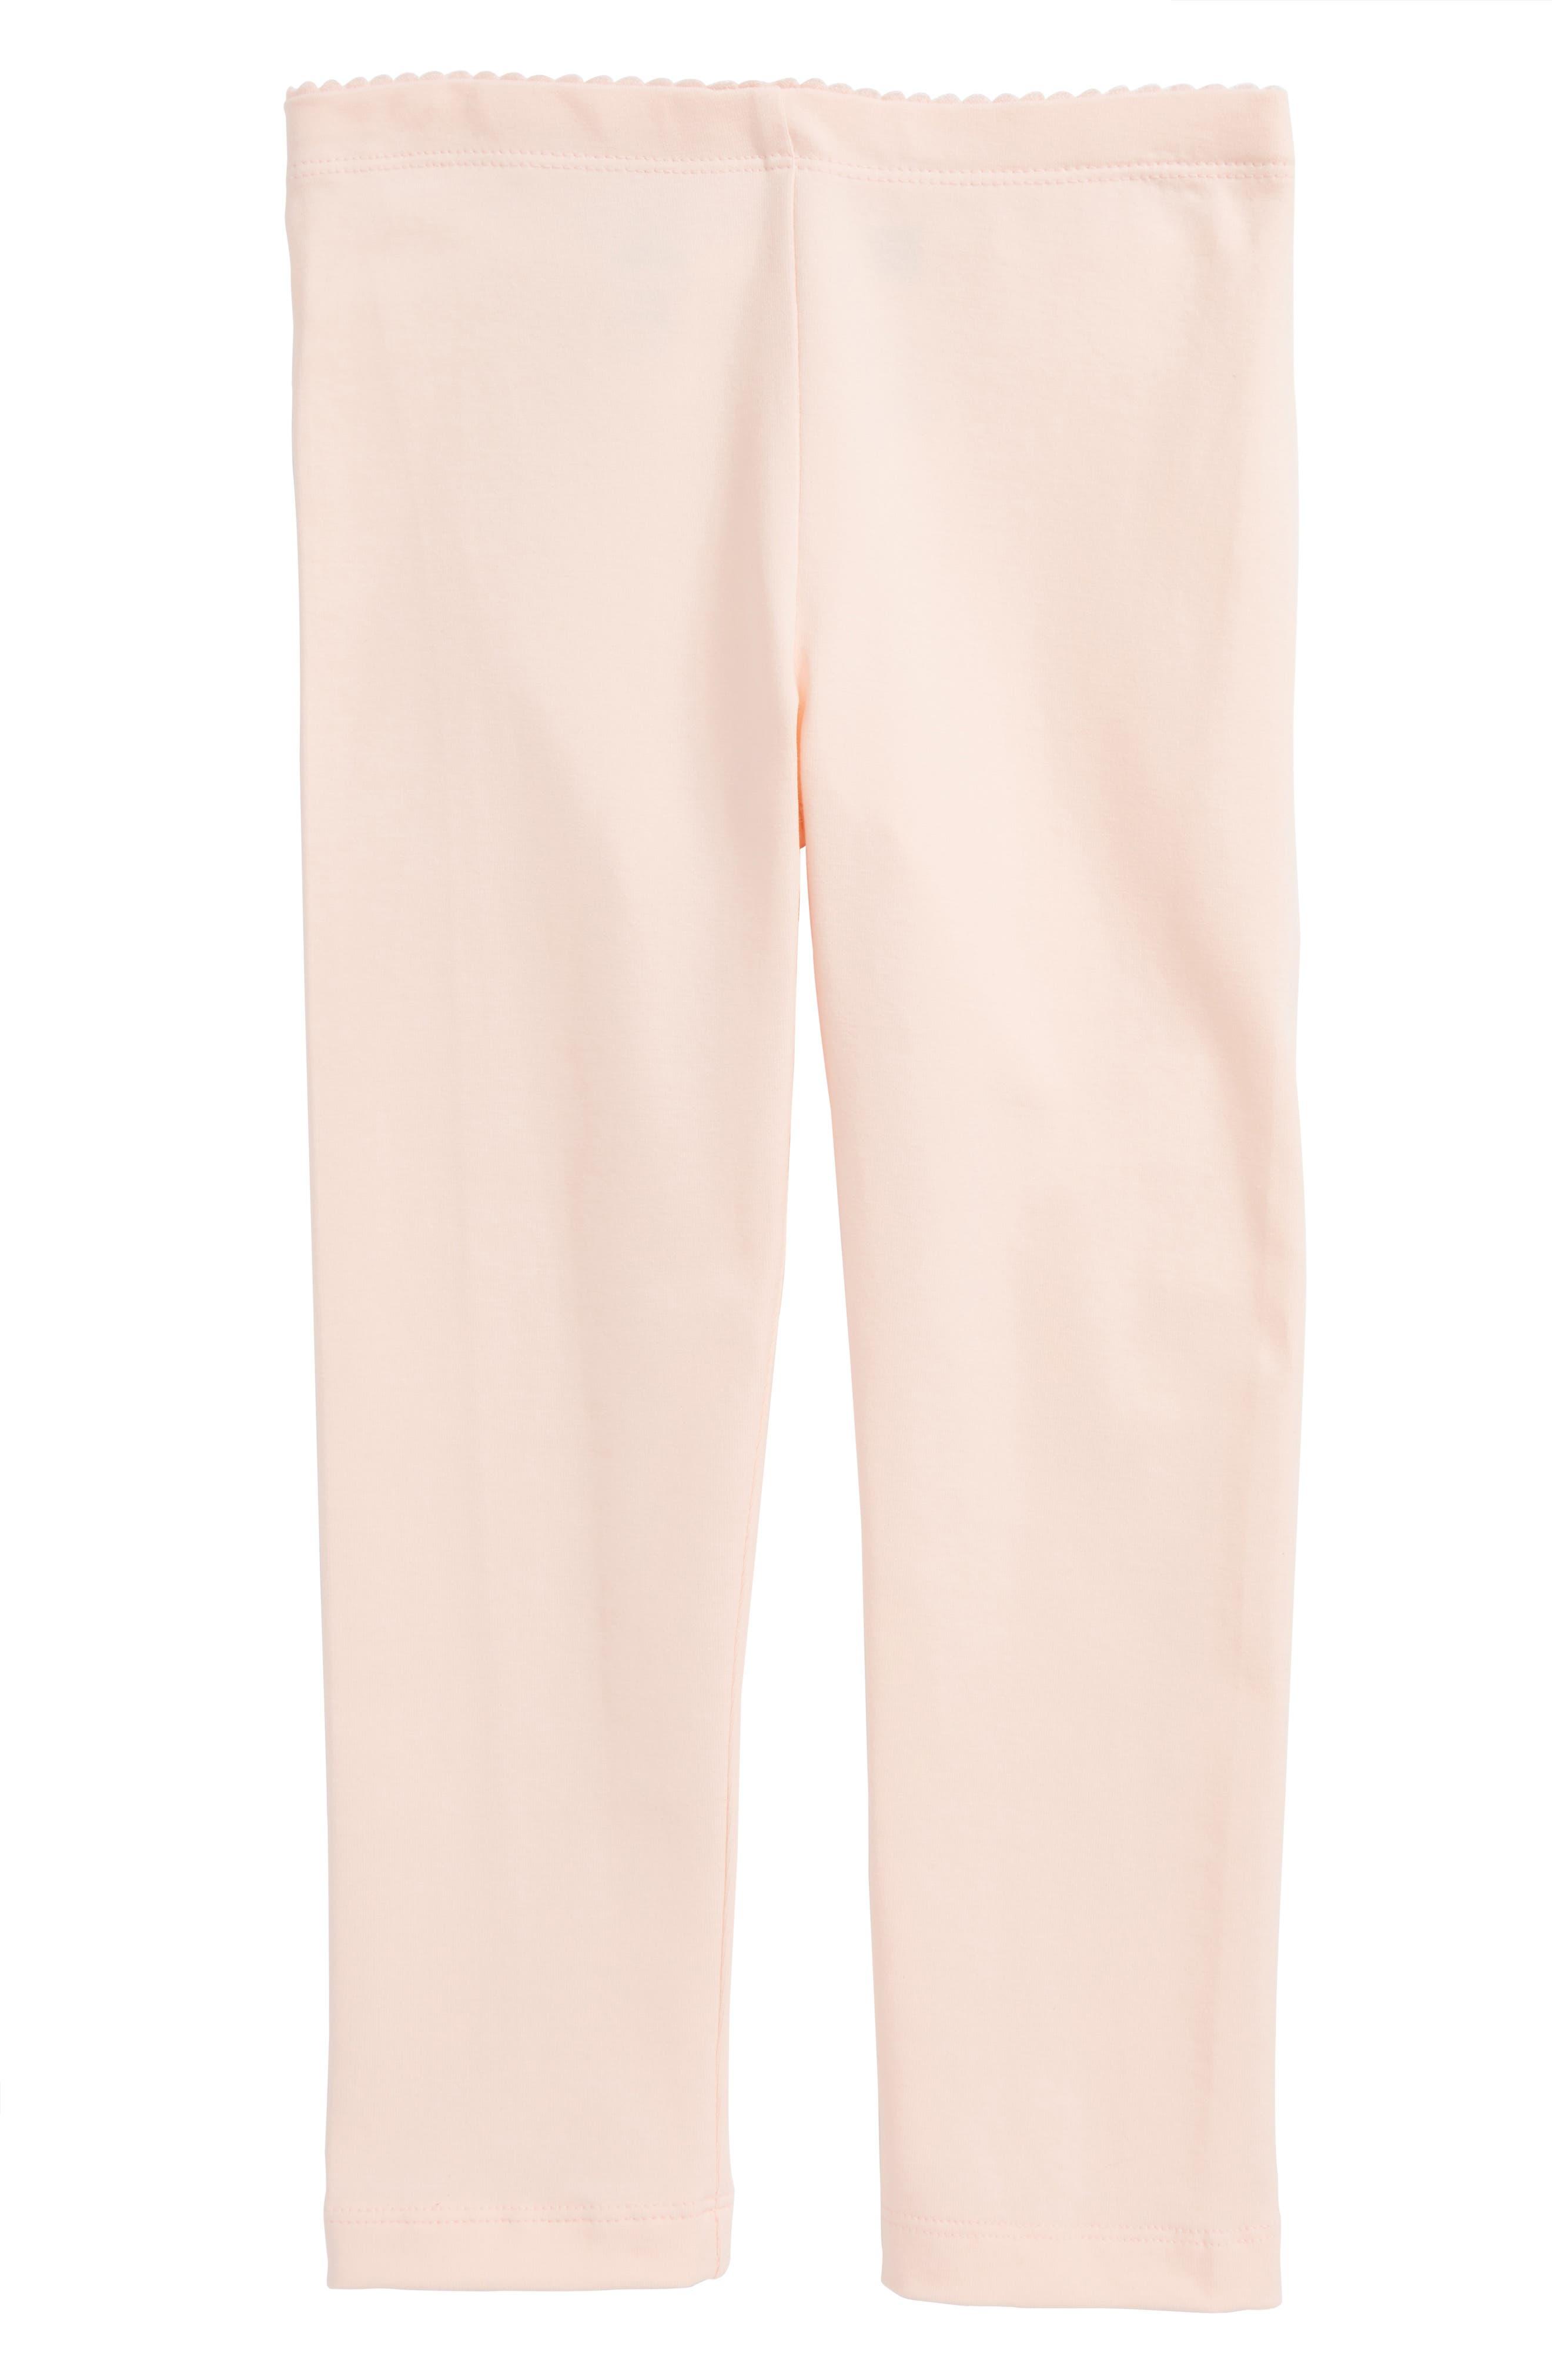 Capri Leggings,                         Main,                         color, Pink Gloss